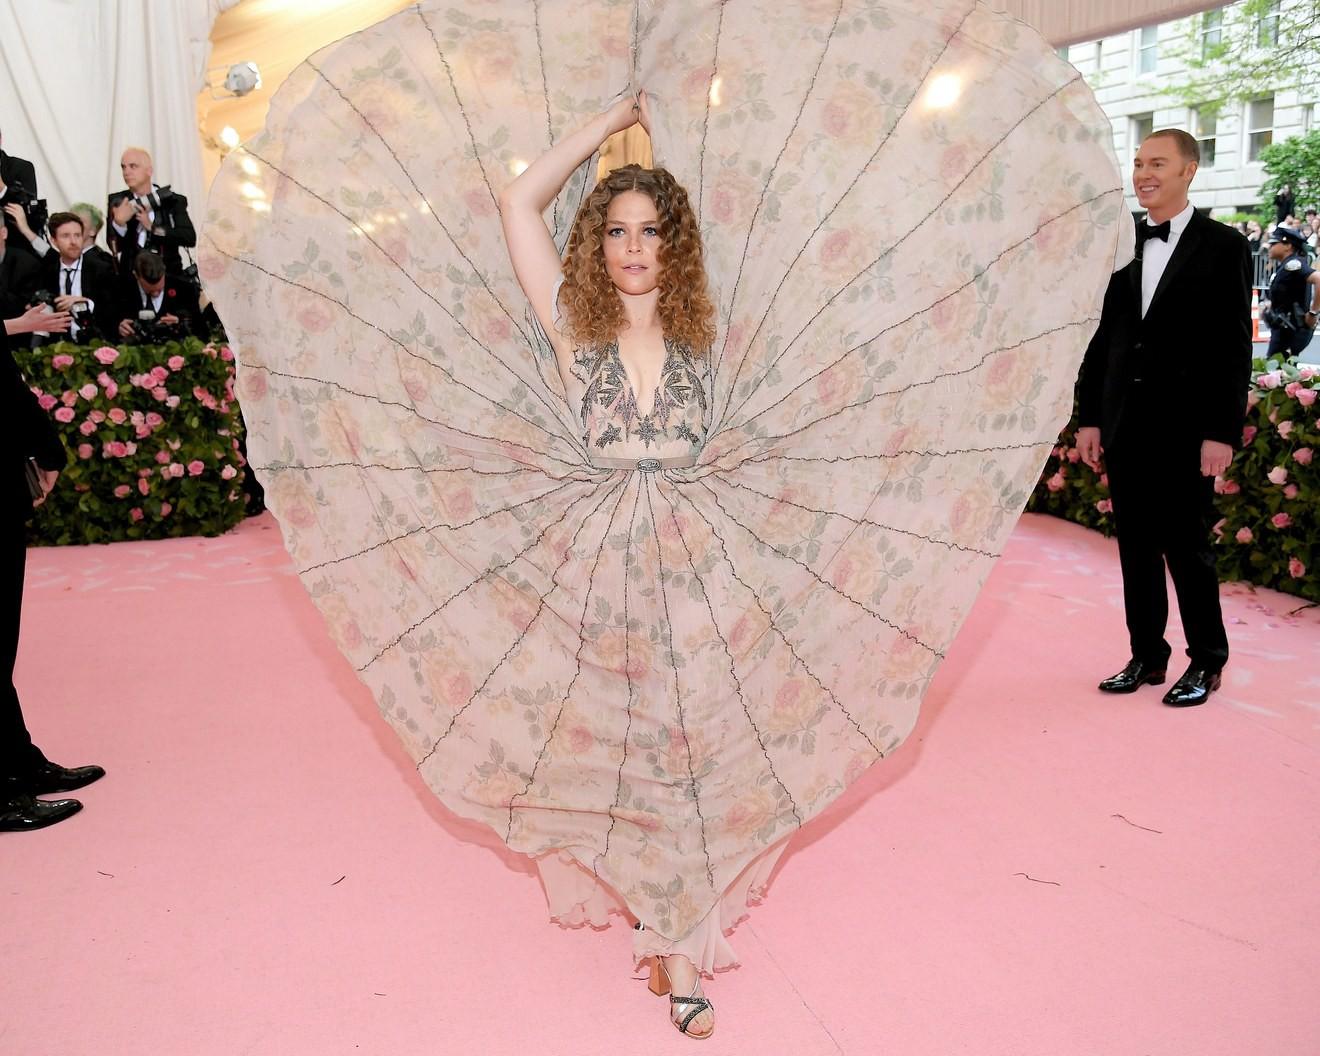 Met Gala 2019: Khó ai chơi lớn bằng Lady Gaga, Katy Perry hóa đèn chùm nhưng chặt chém không kém là nam nhân dát vàng nằm kiệu - Ảnh 34.